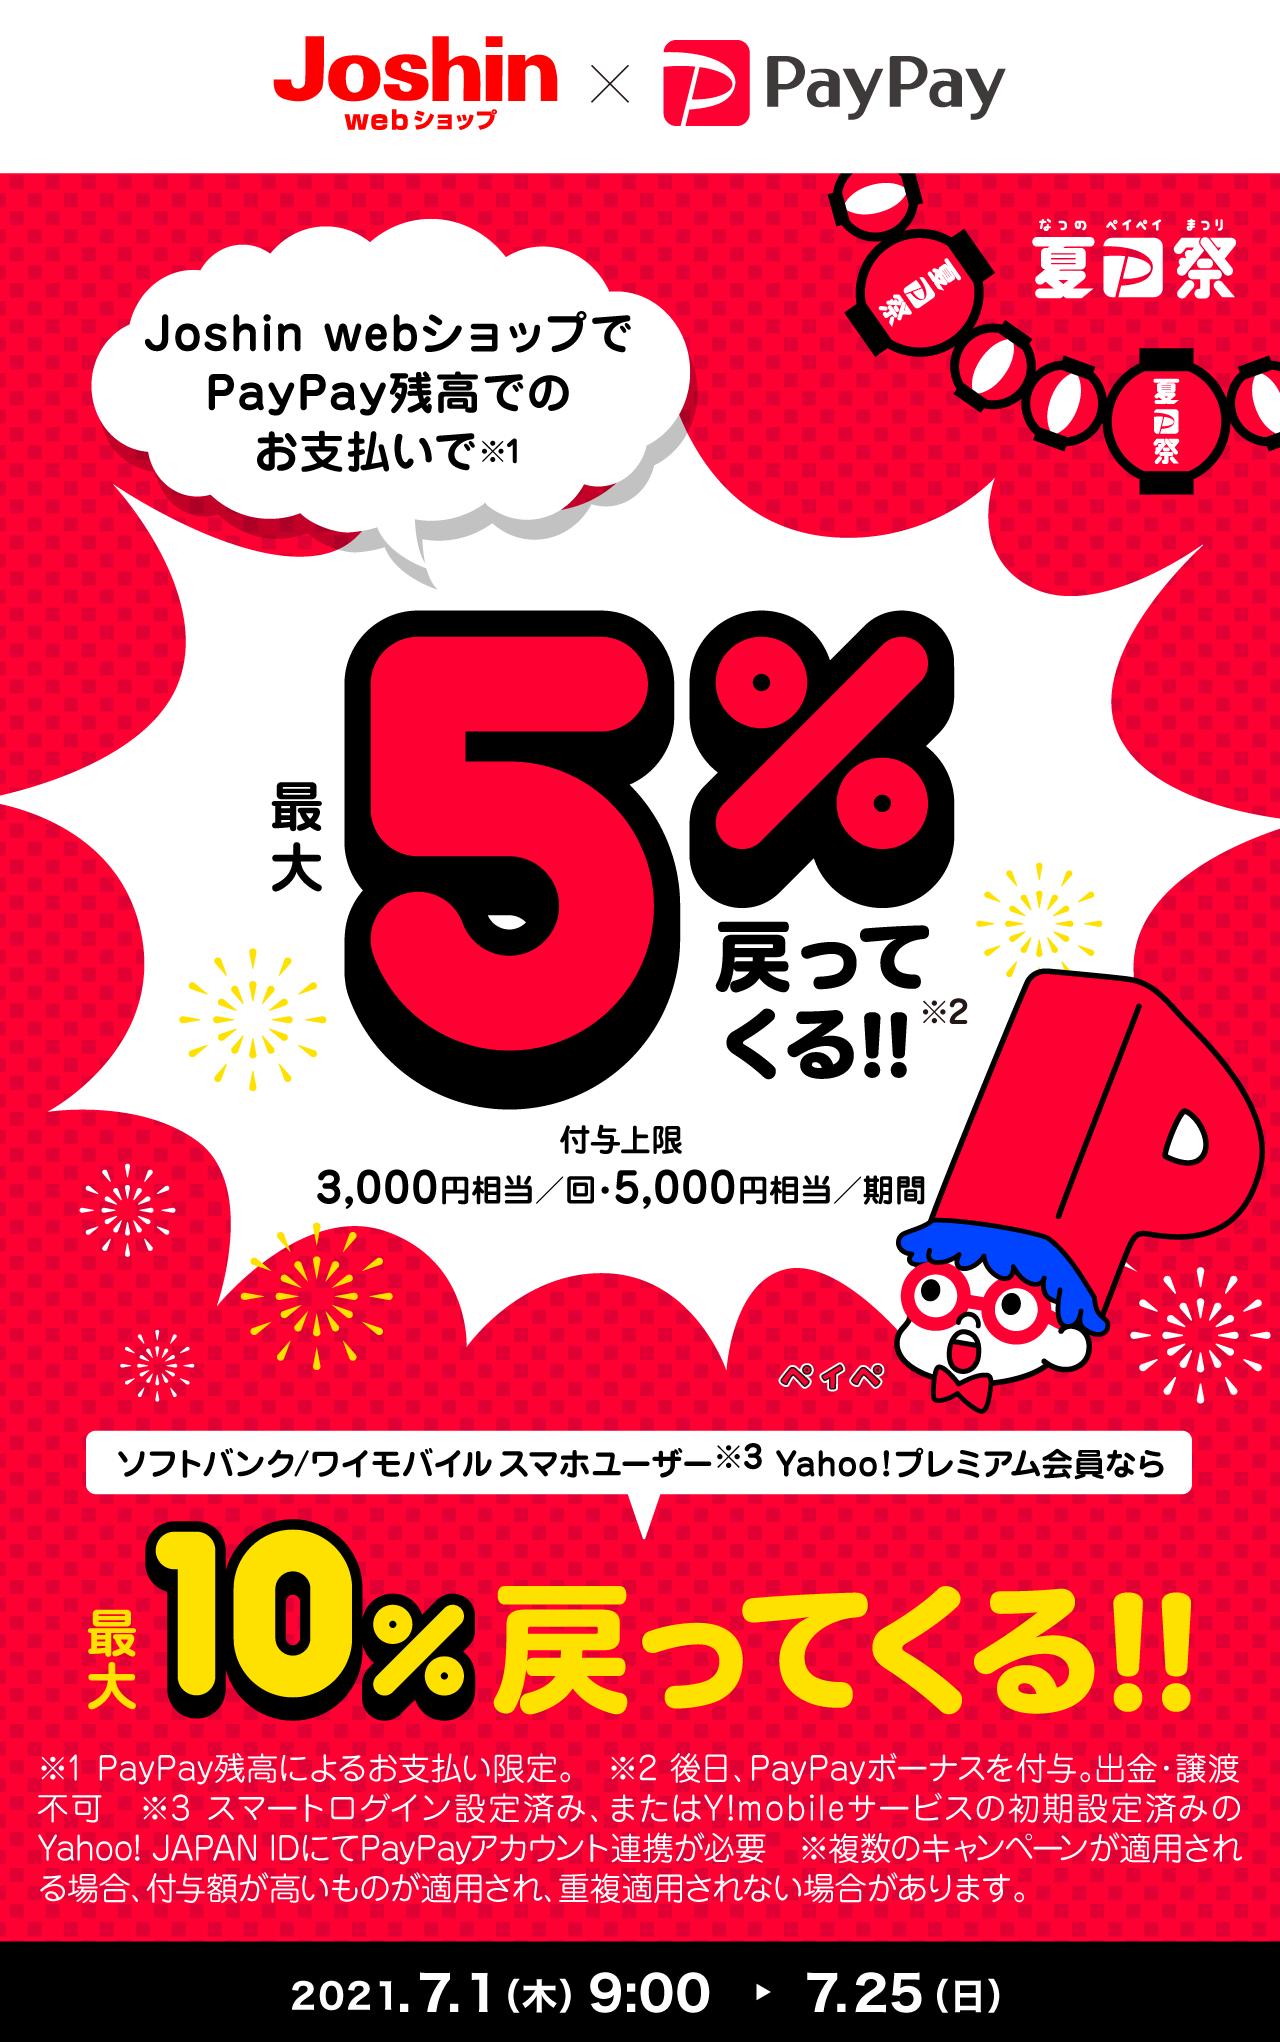 Joshin webショップでPayPay残高でのお支払いで 最大5%戻ってくる!!